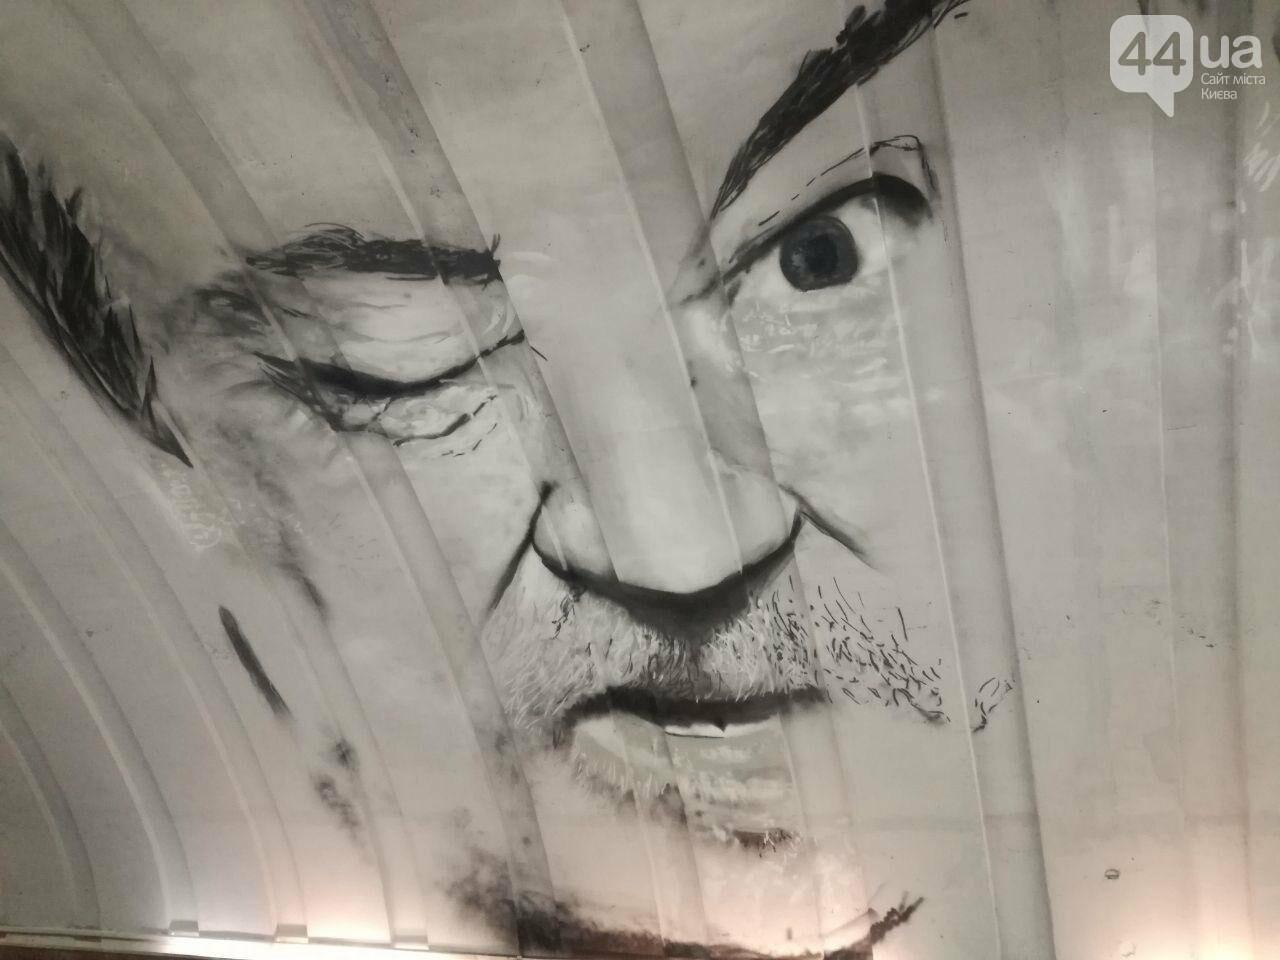 Арт-Осокорки: в столичном метро на мурале появился Ступка, фото-2